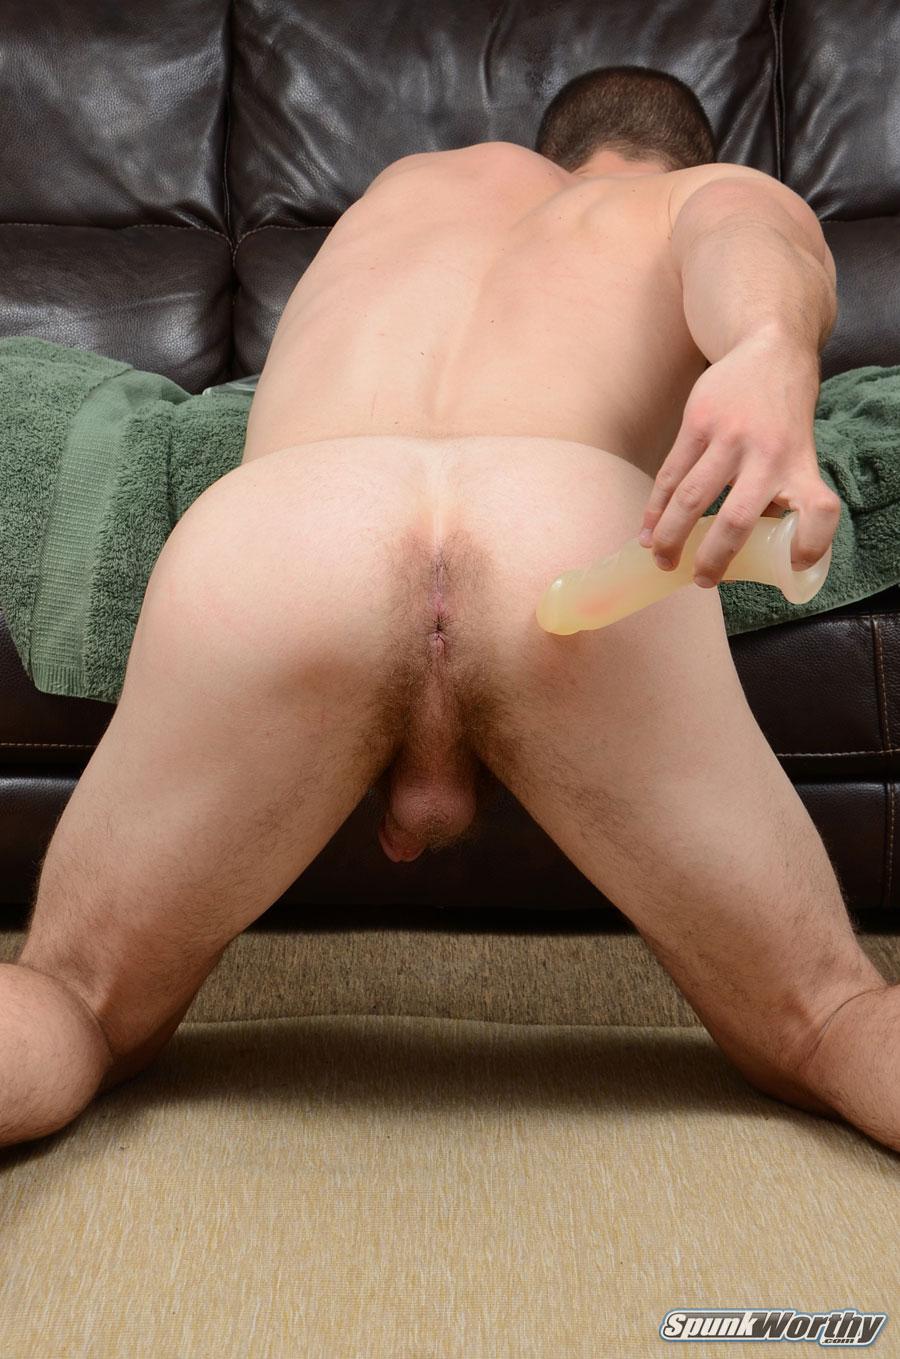 SpunkWorthy Dean Straight Marine Uses A Dildo On Hairy Ass Amateur Gay Porn 09